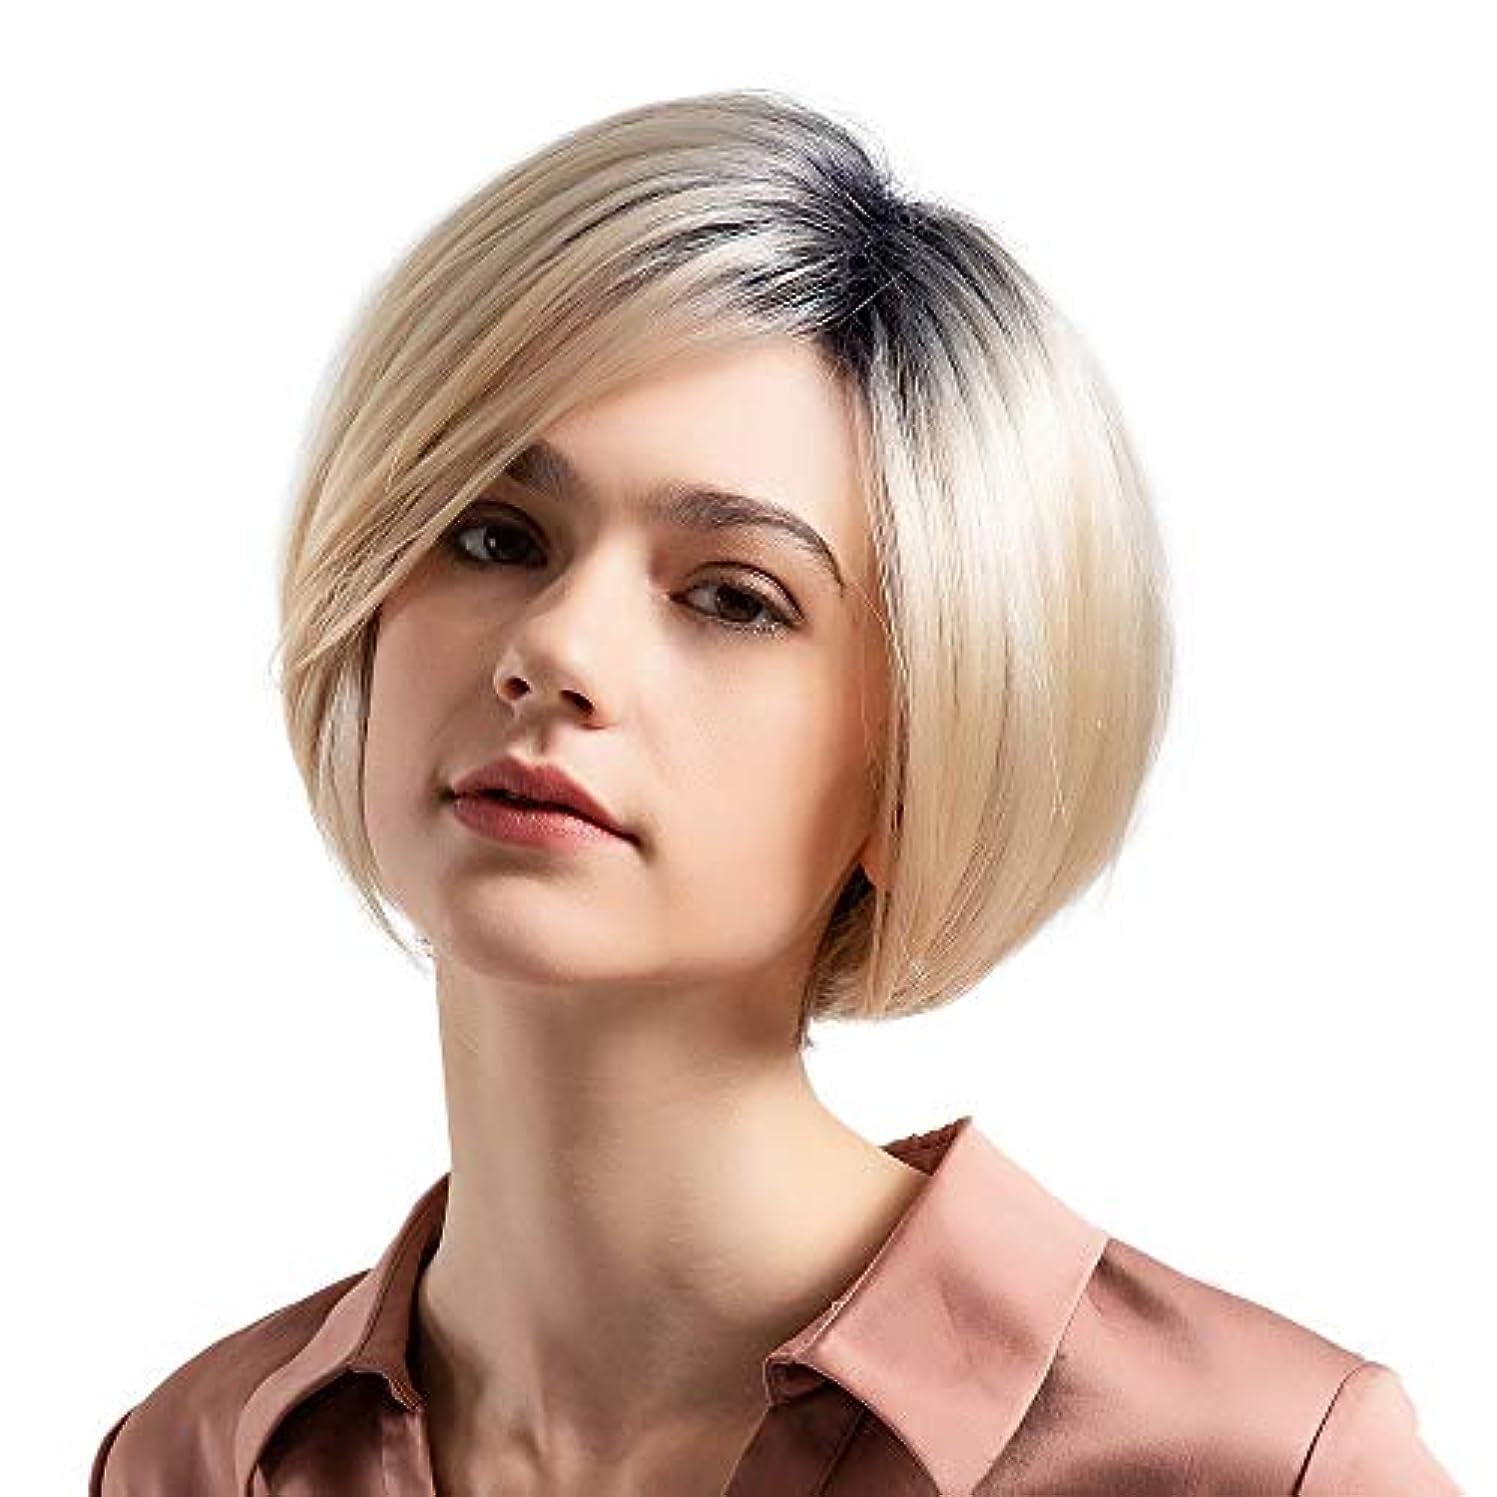 酸栄光引き渡すウィッグショートボブストレートヘア50%リアルヘアウィッグ女性のファッショングラデーションウィッグ